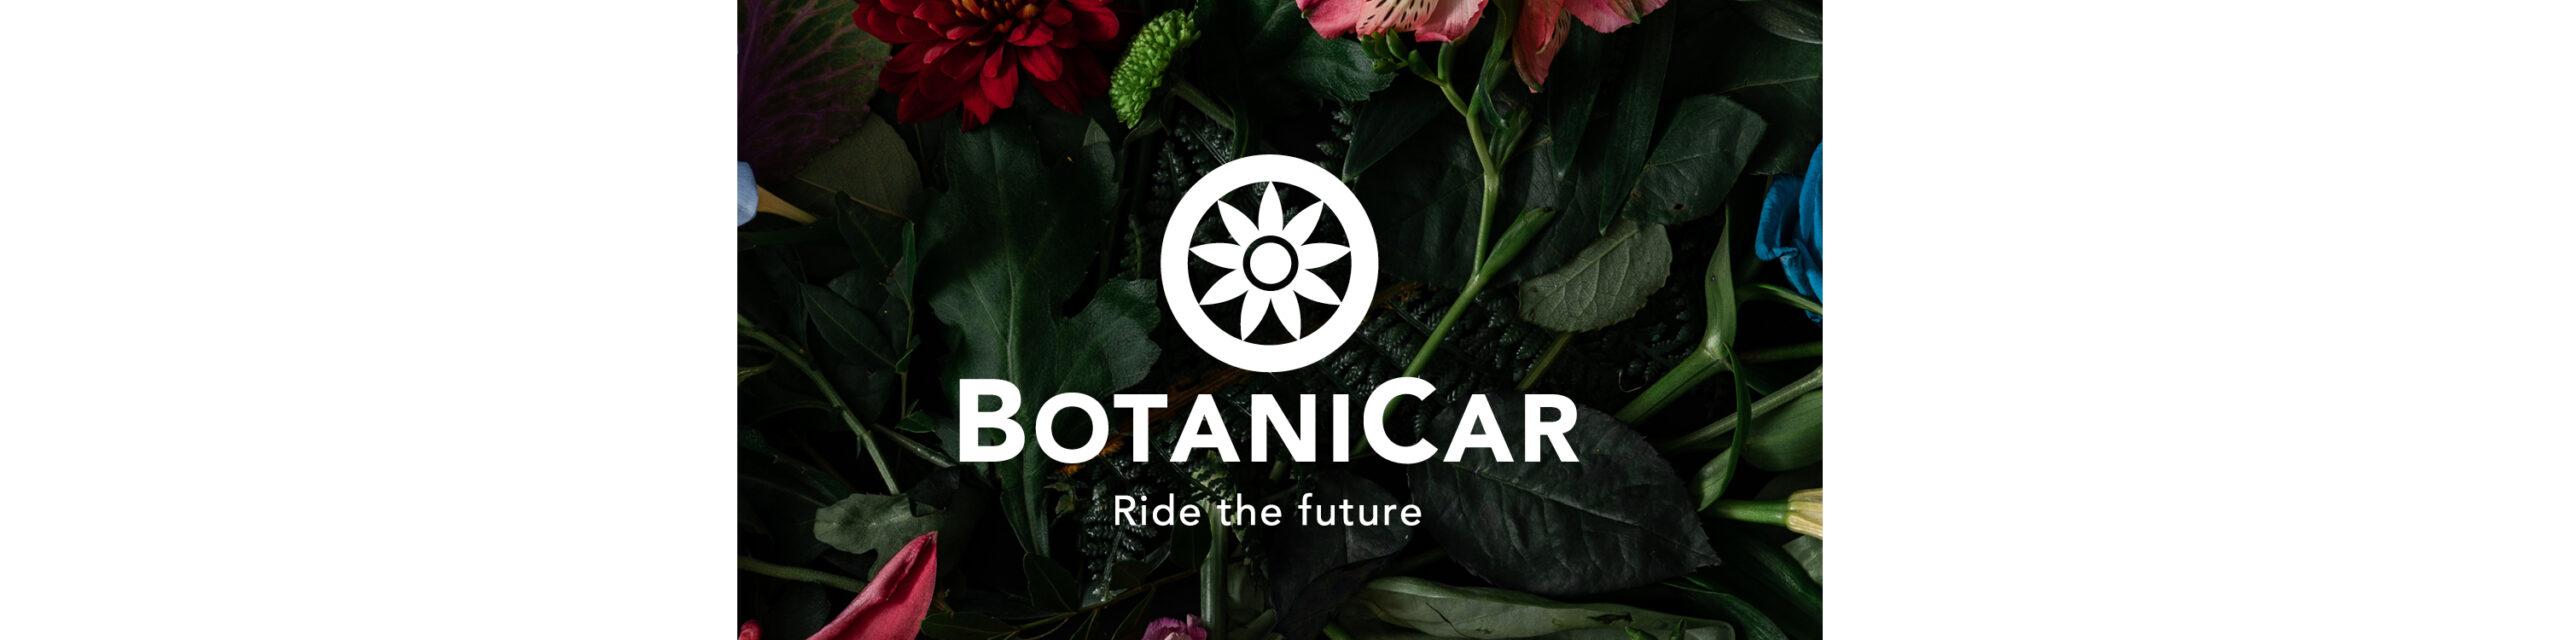 BotaniCar 2022